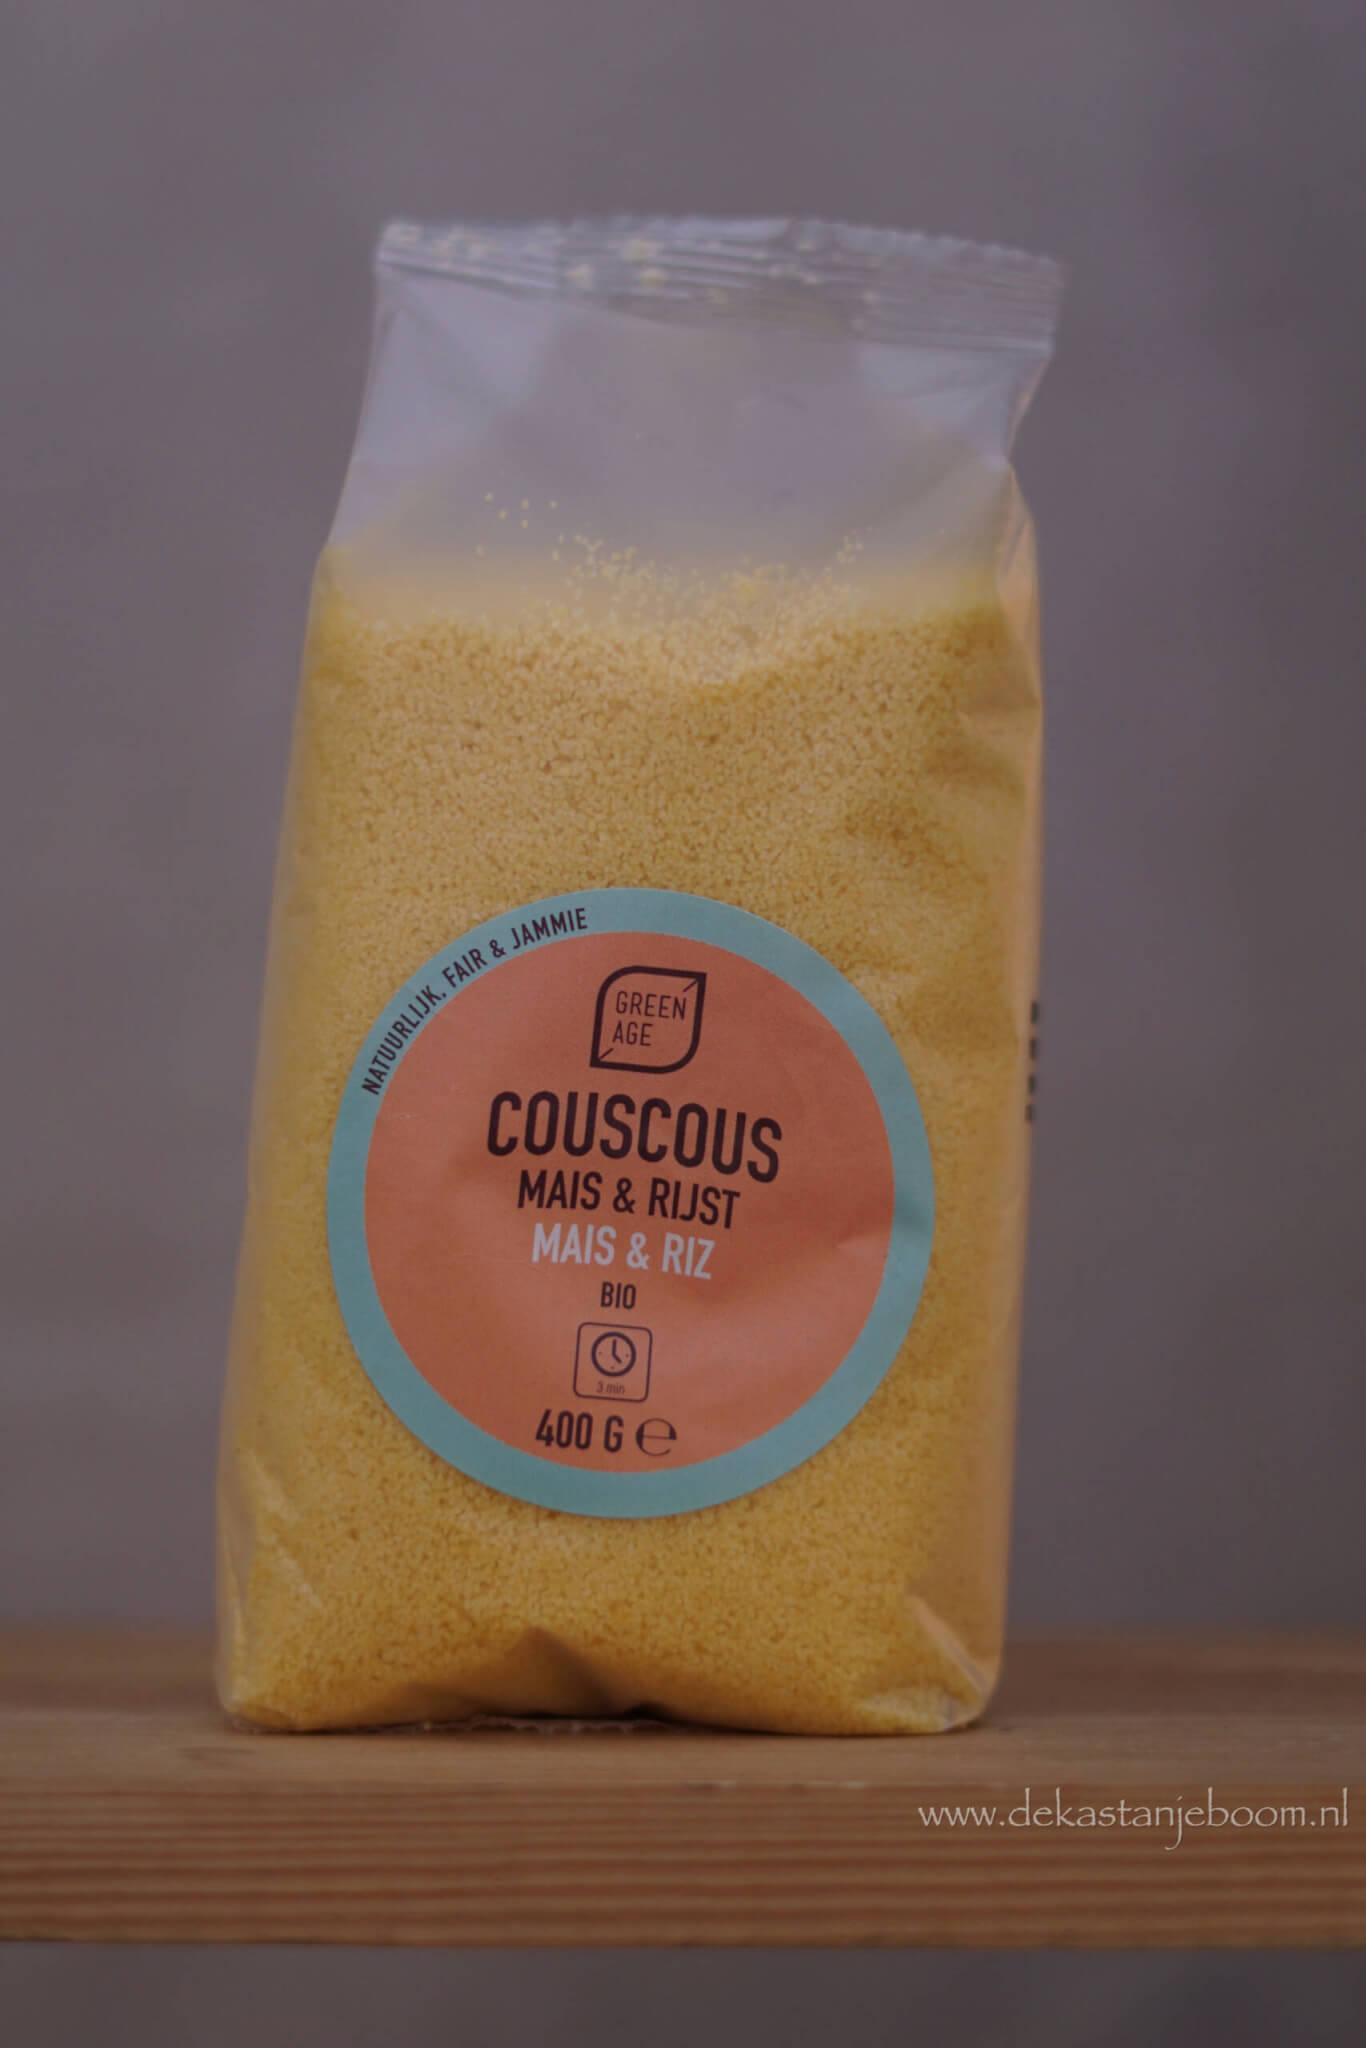 Couscous mais & rijst